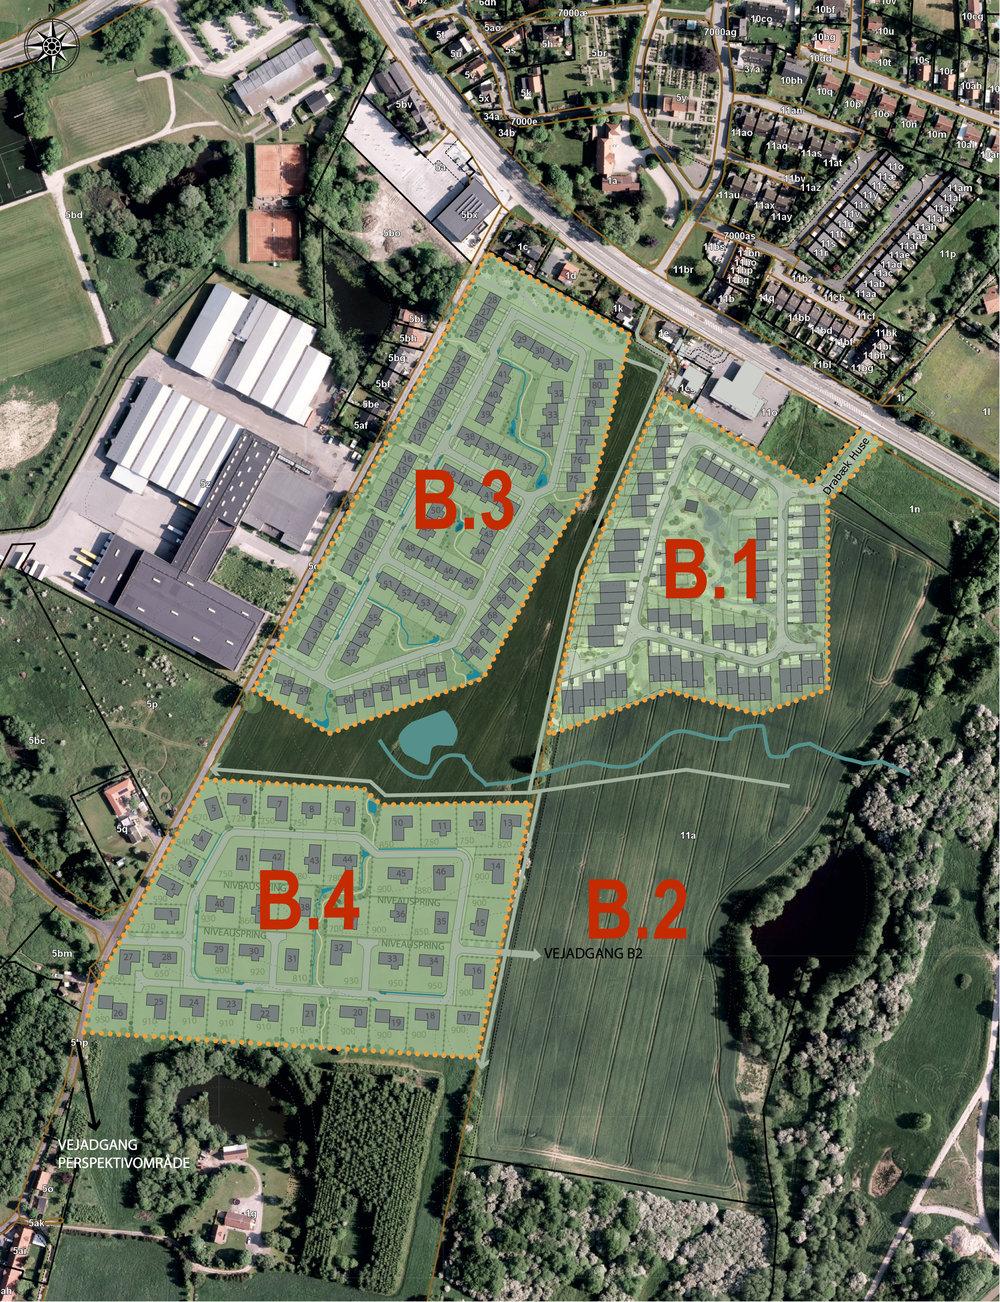 Arkitektens planløsning til B.3 og B.4 skal betragtes som et idéoplæg til lokalplanen.   Der vil ikke blive tale om 3-etage bebyggelser, men kun 1 og 2 etagers rækkehuse og villaer.     Illustration: LE34